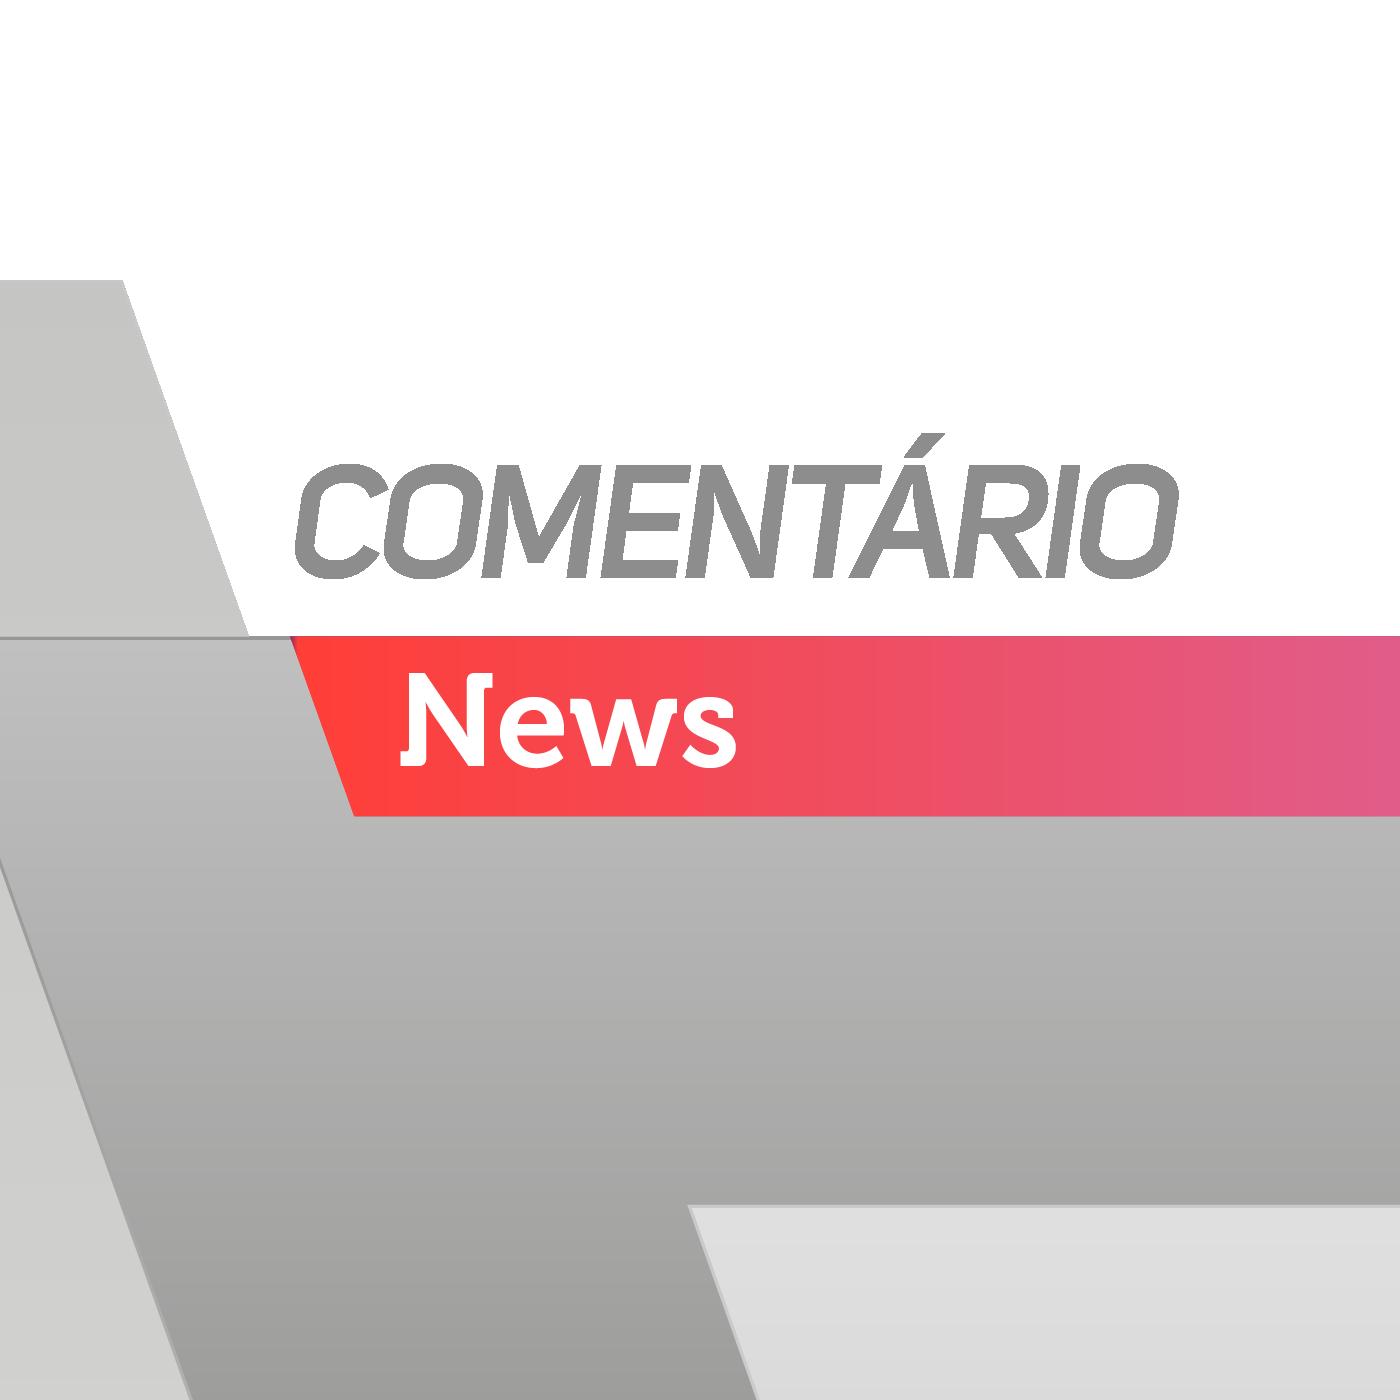 Gisele Loeblein comenta agronegócios no Gaúcha Repórter 25/05/2017